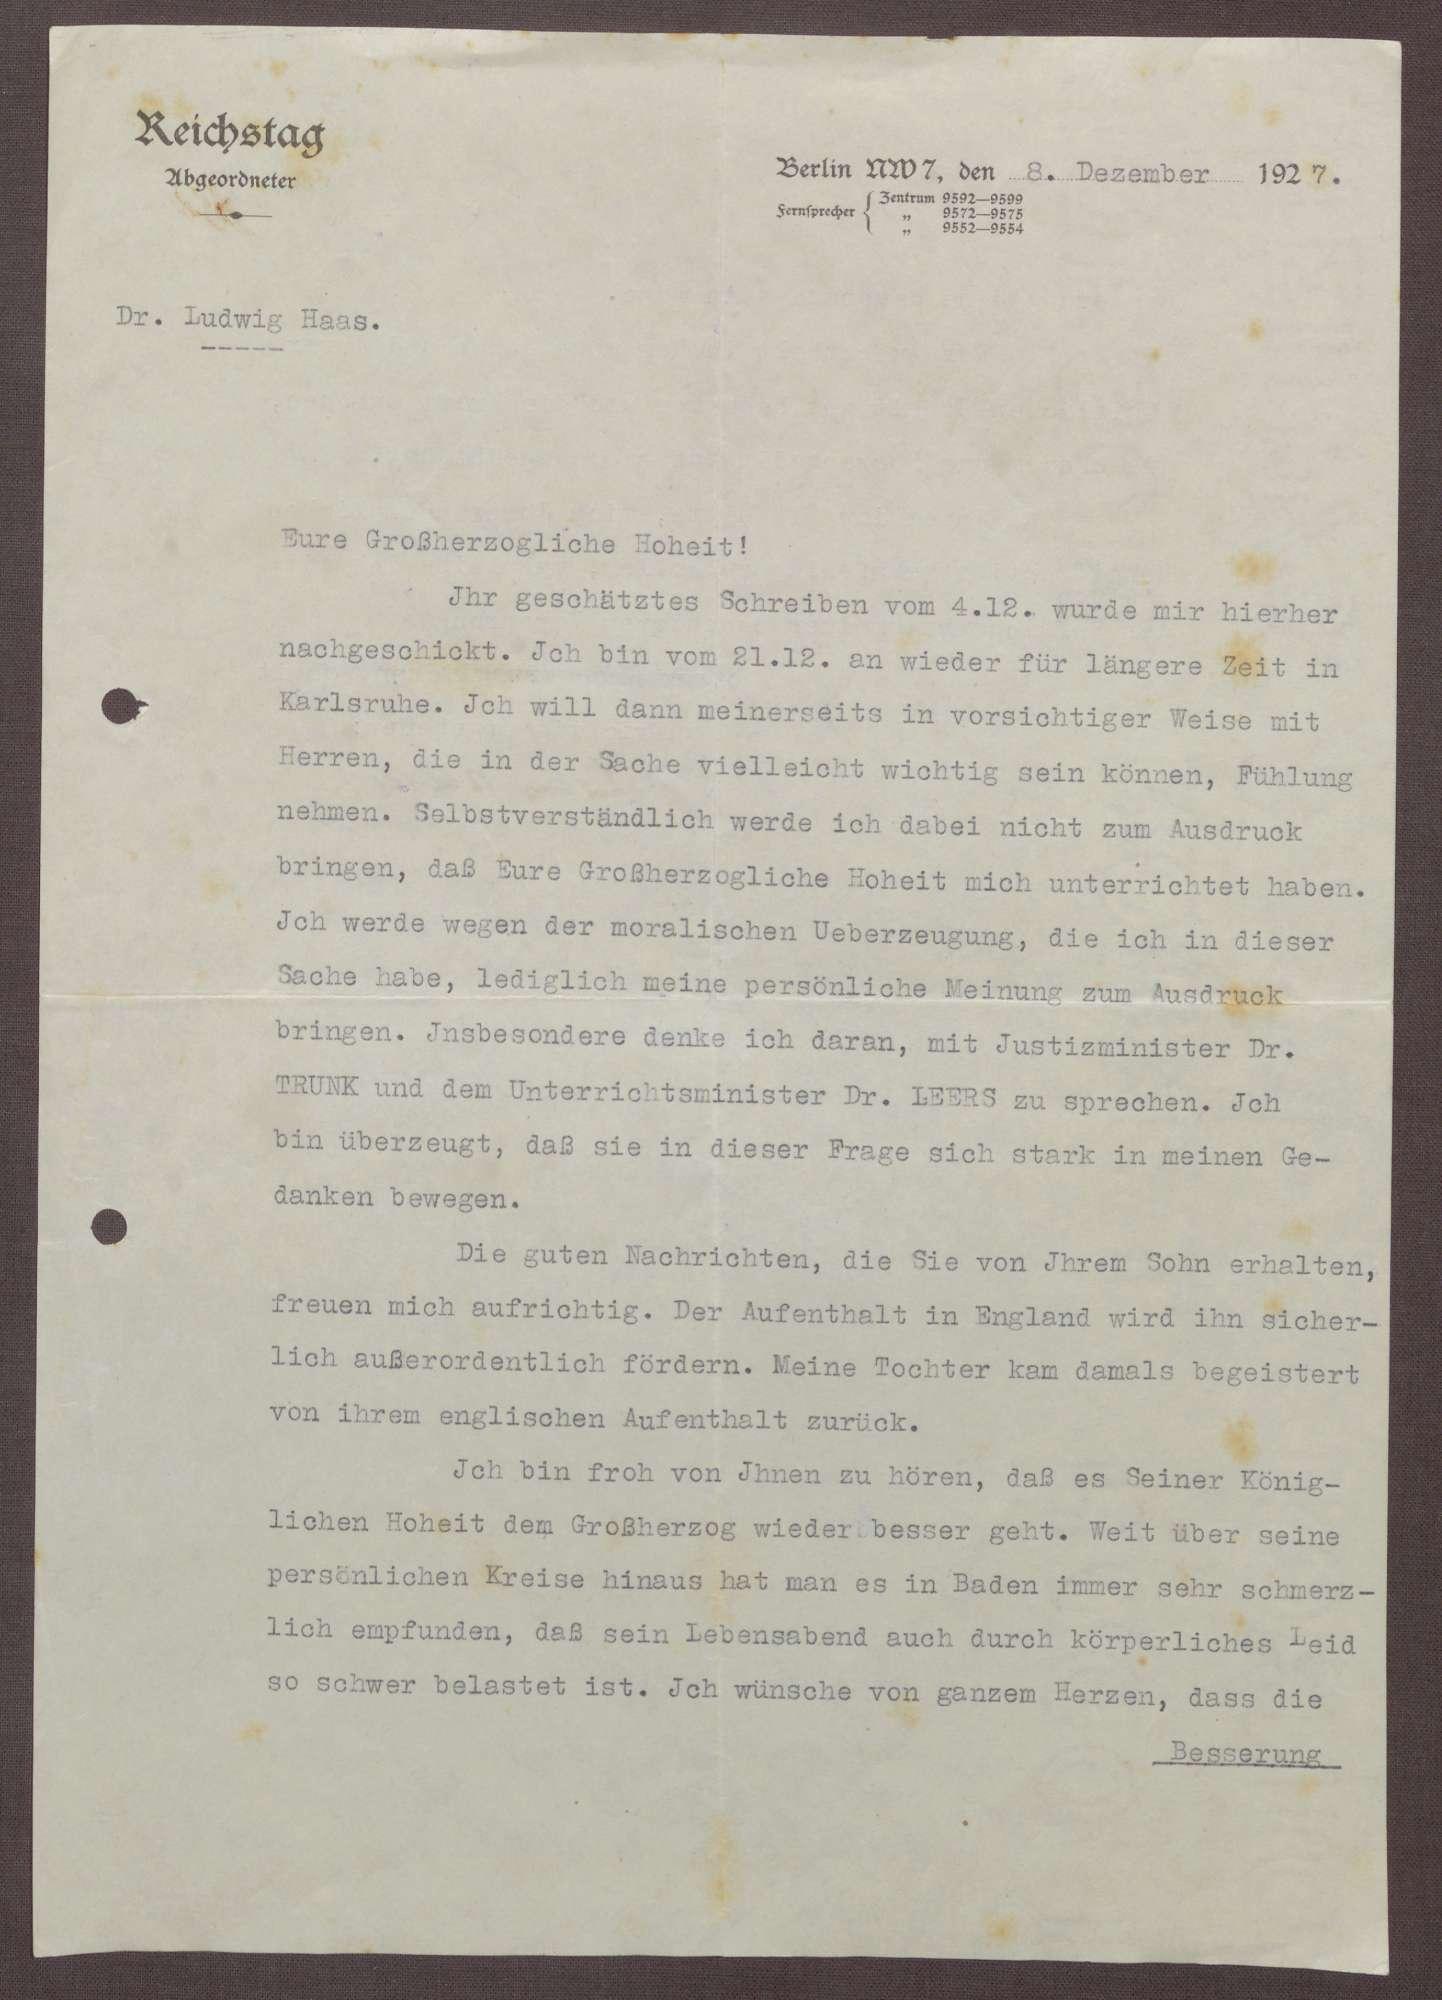 Schreiben von Ludwig Haas an Prinz Max von Baden; Aufenthalt von Prinz Berthold in England und eine Unterredung mit Gustav Trunk und Otto Leers, Bild 1